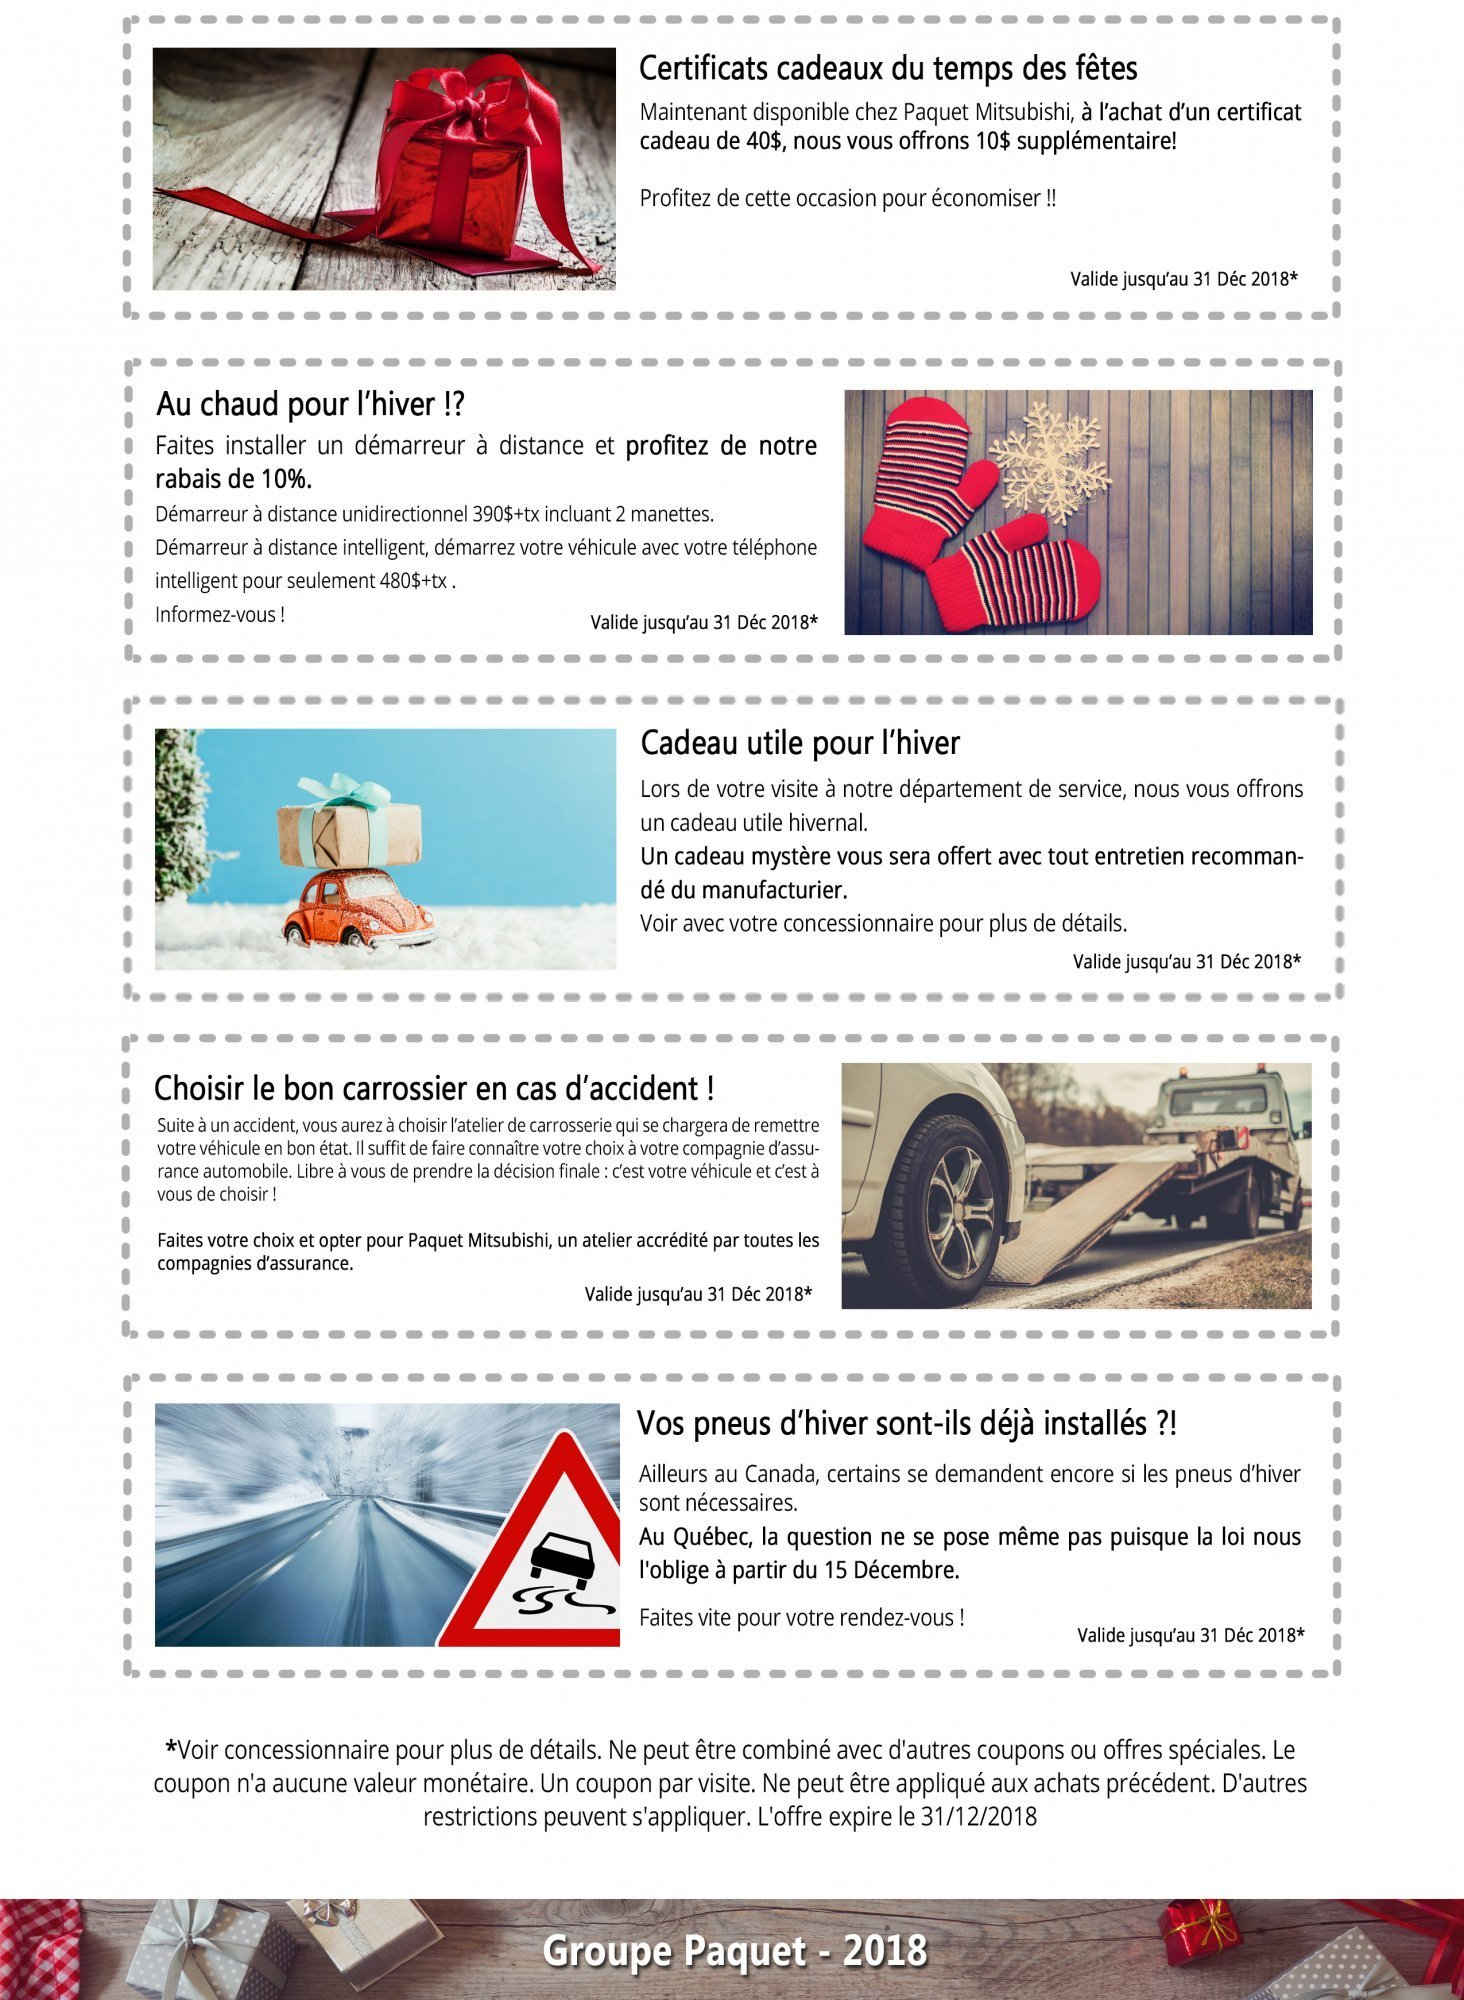 Mentionnez Et Prsentez La Promotion De Votre Choix Lquipe Paquet Mitsubishi Afin Den Profiter